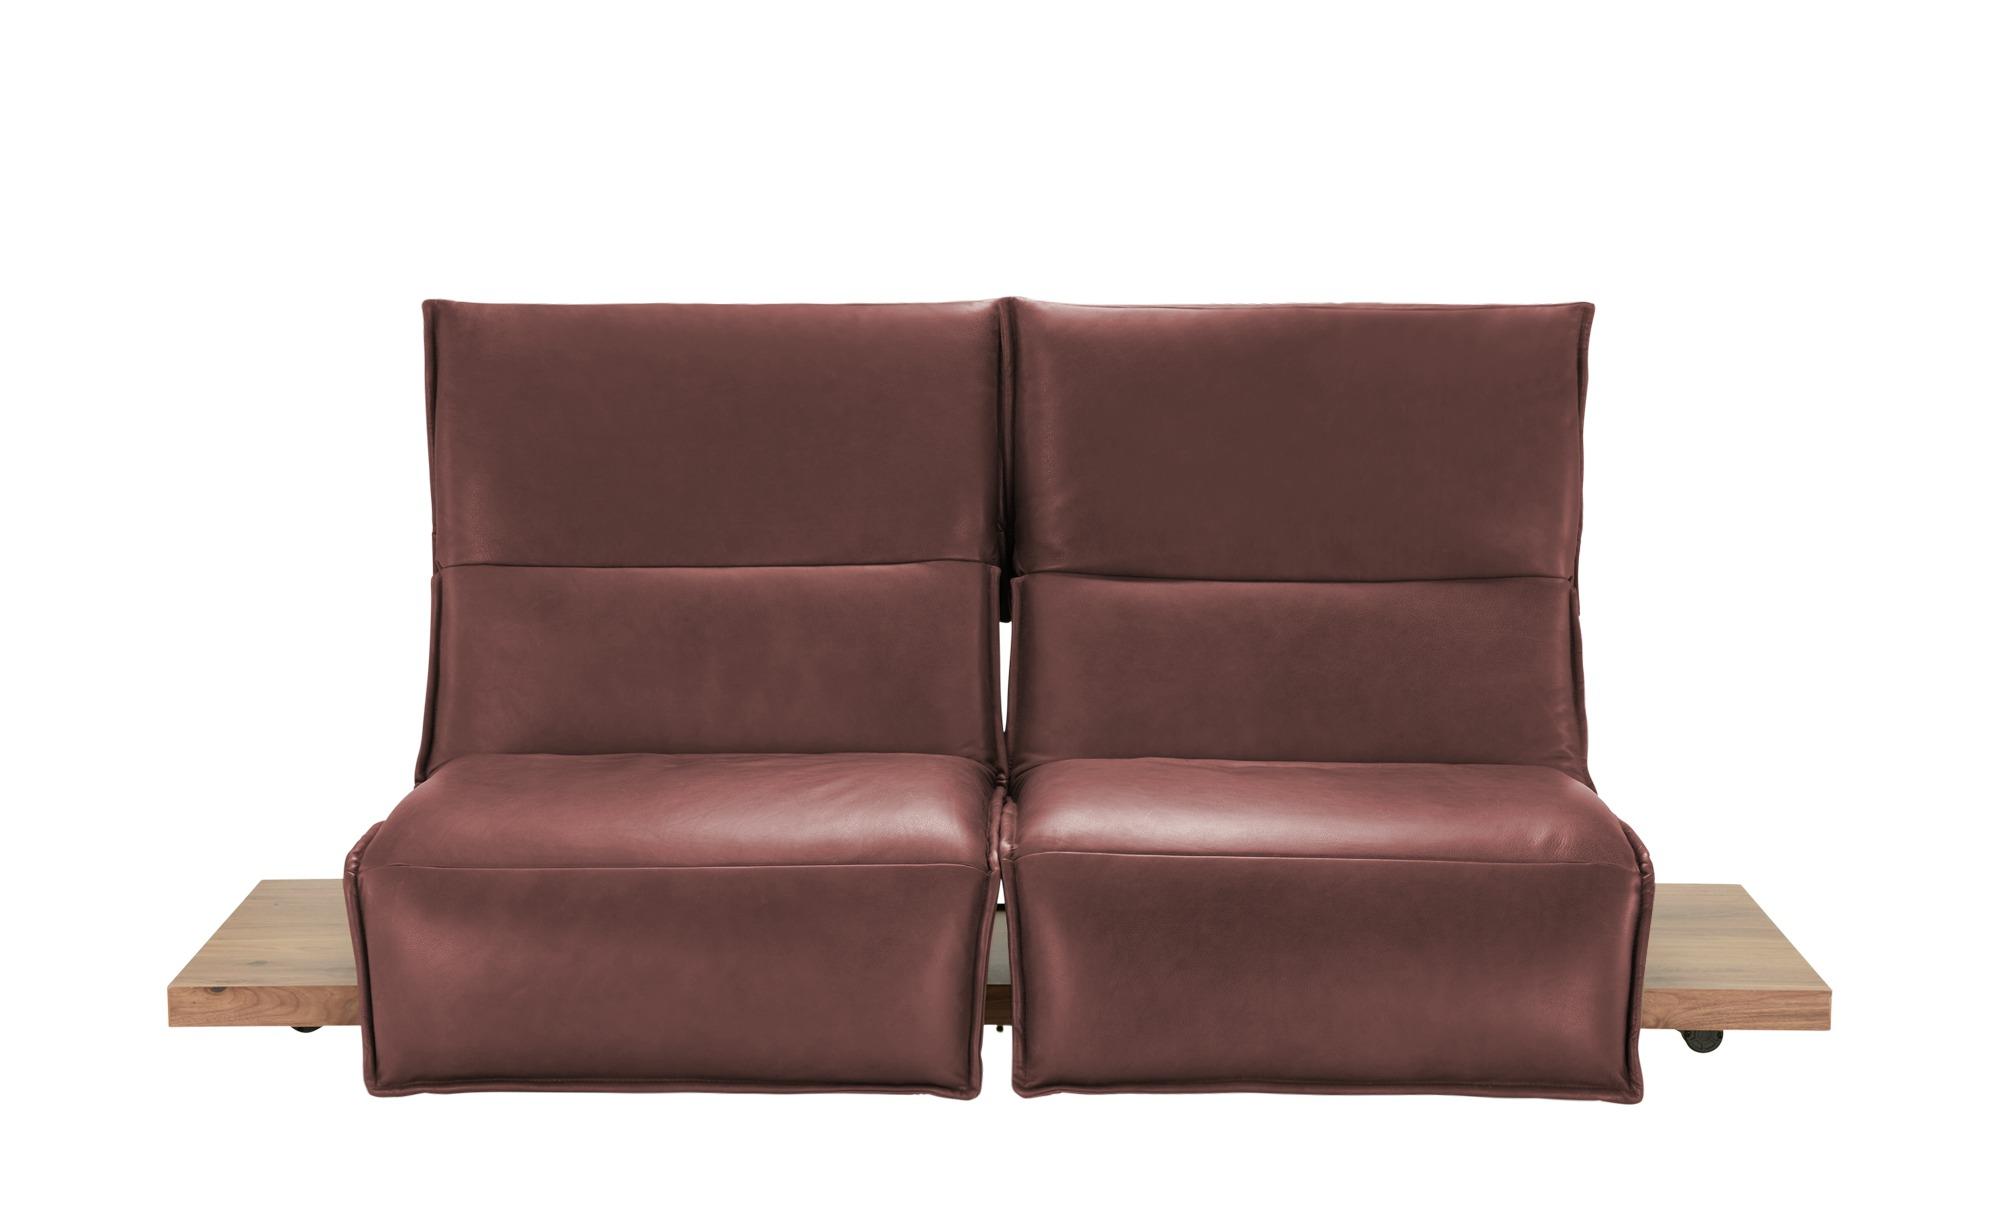 KOINOR Einzelsofa  Edit 2 ¦ rot ¦ Maße (cm): B: 240 H: 112 T: 158 Polstermöbel > Sofas > 2-Sitzer - Höffner